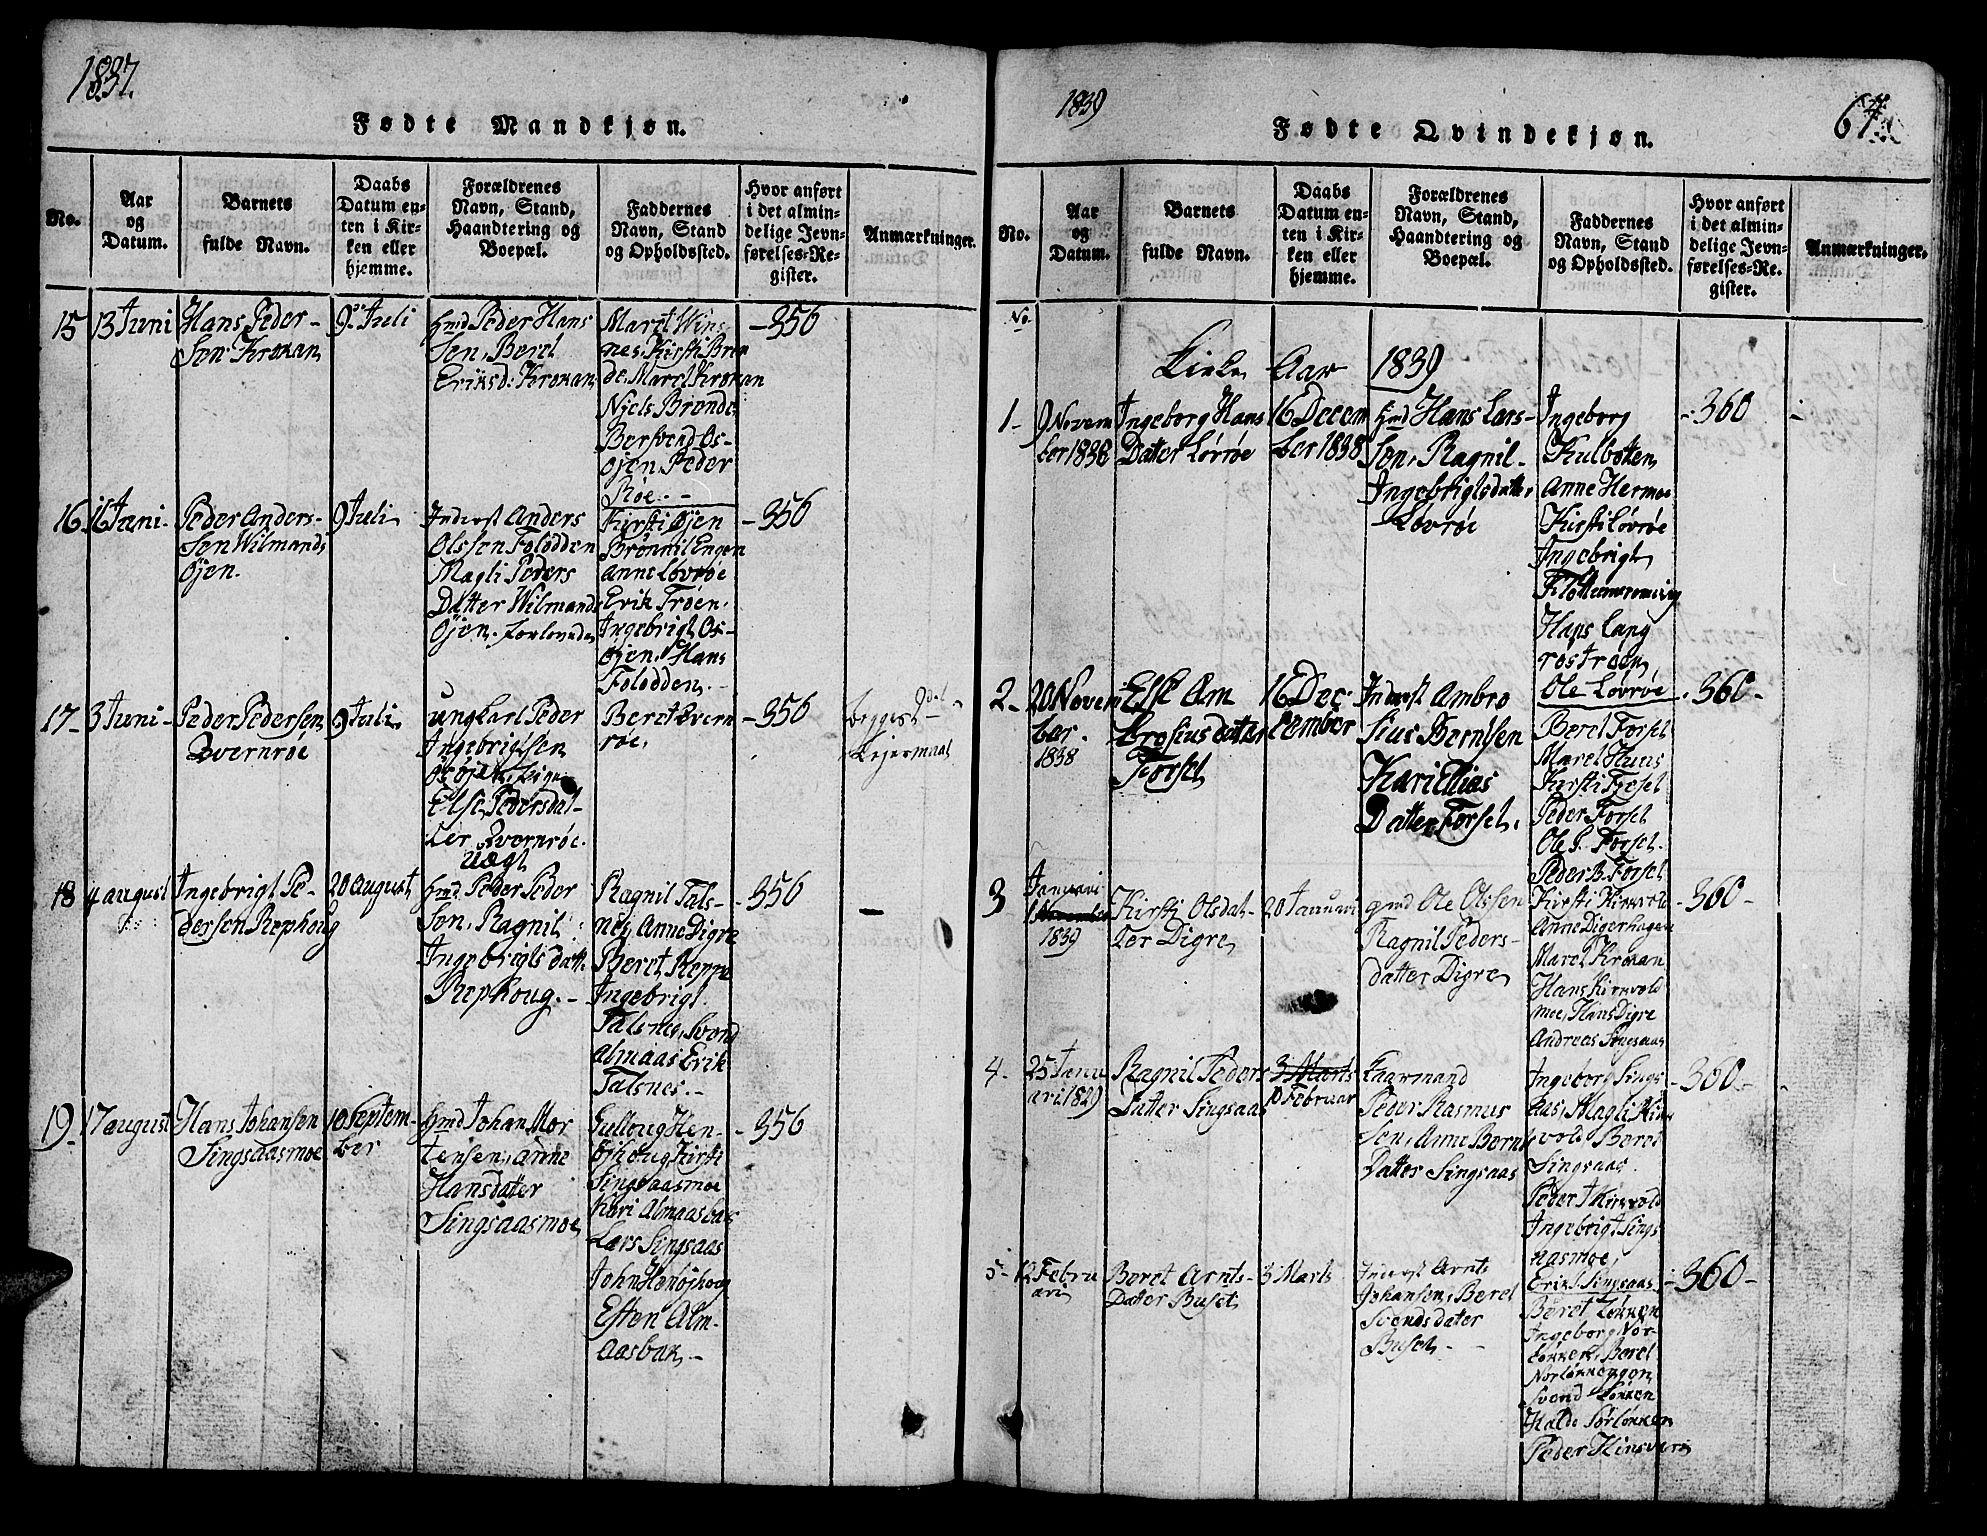 SAT, Ministerialprotokoller, klokkerbøker og fødselsregistre - Sør-Trøndelag, 688/L1026: Klokkerbok nr. 688C01, 1817-1860, s. 64